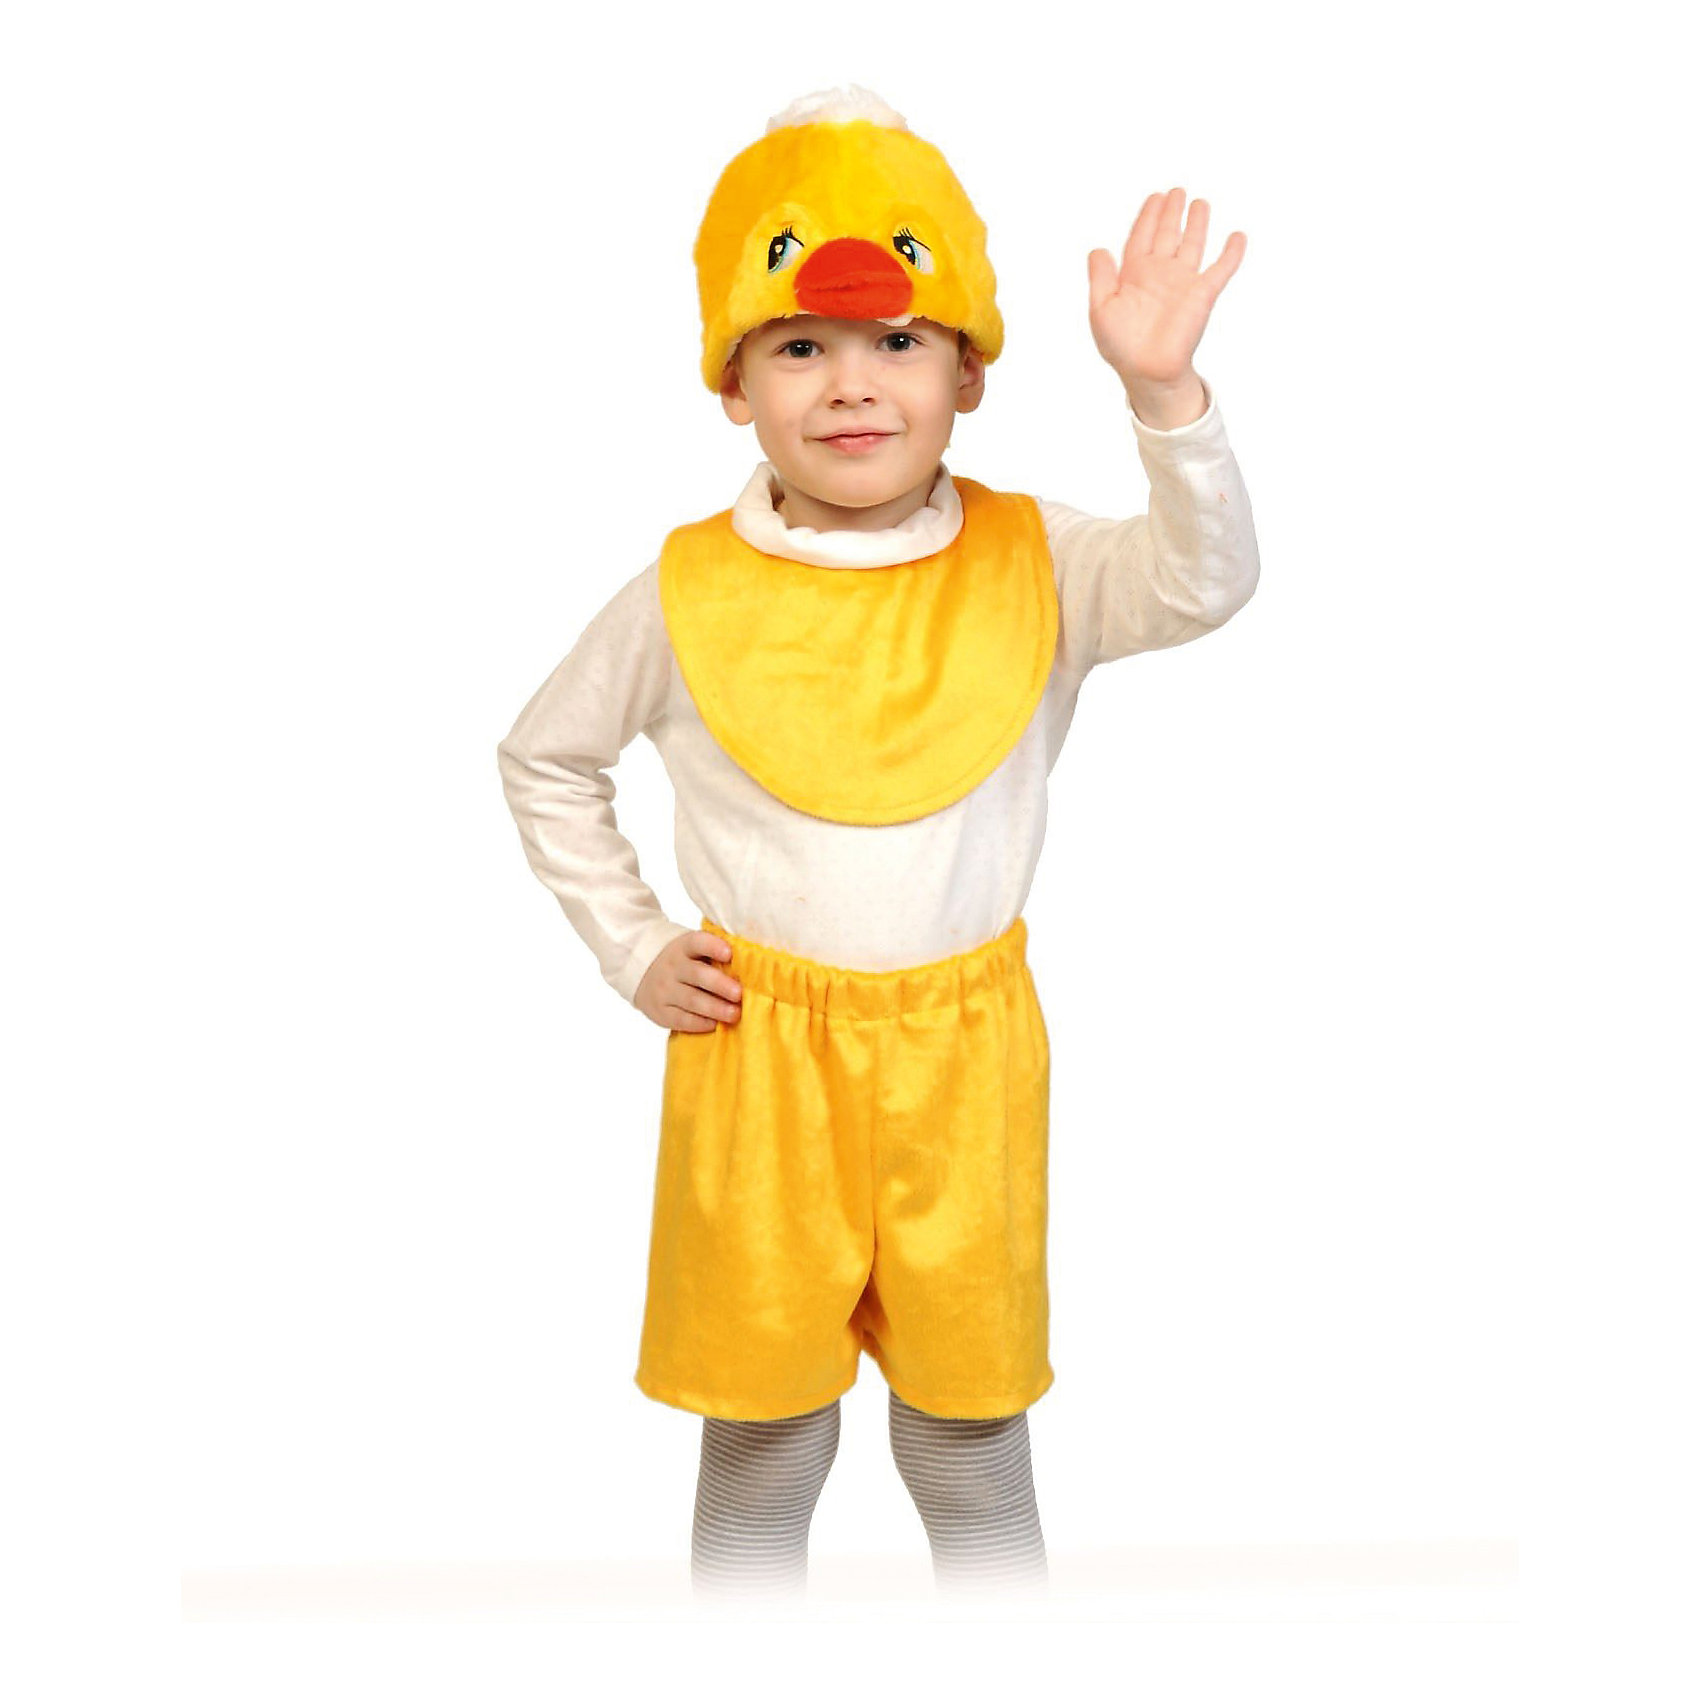 компании китая костюм цыпленка своими руками быстро фото бывают